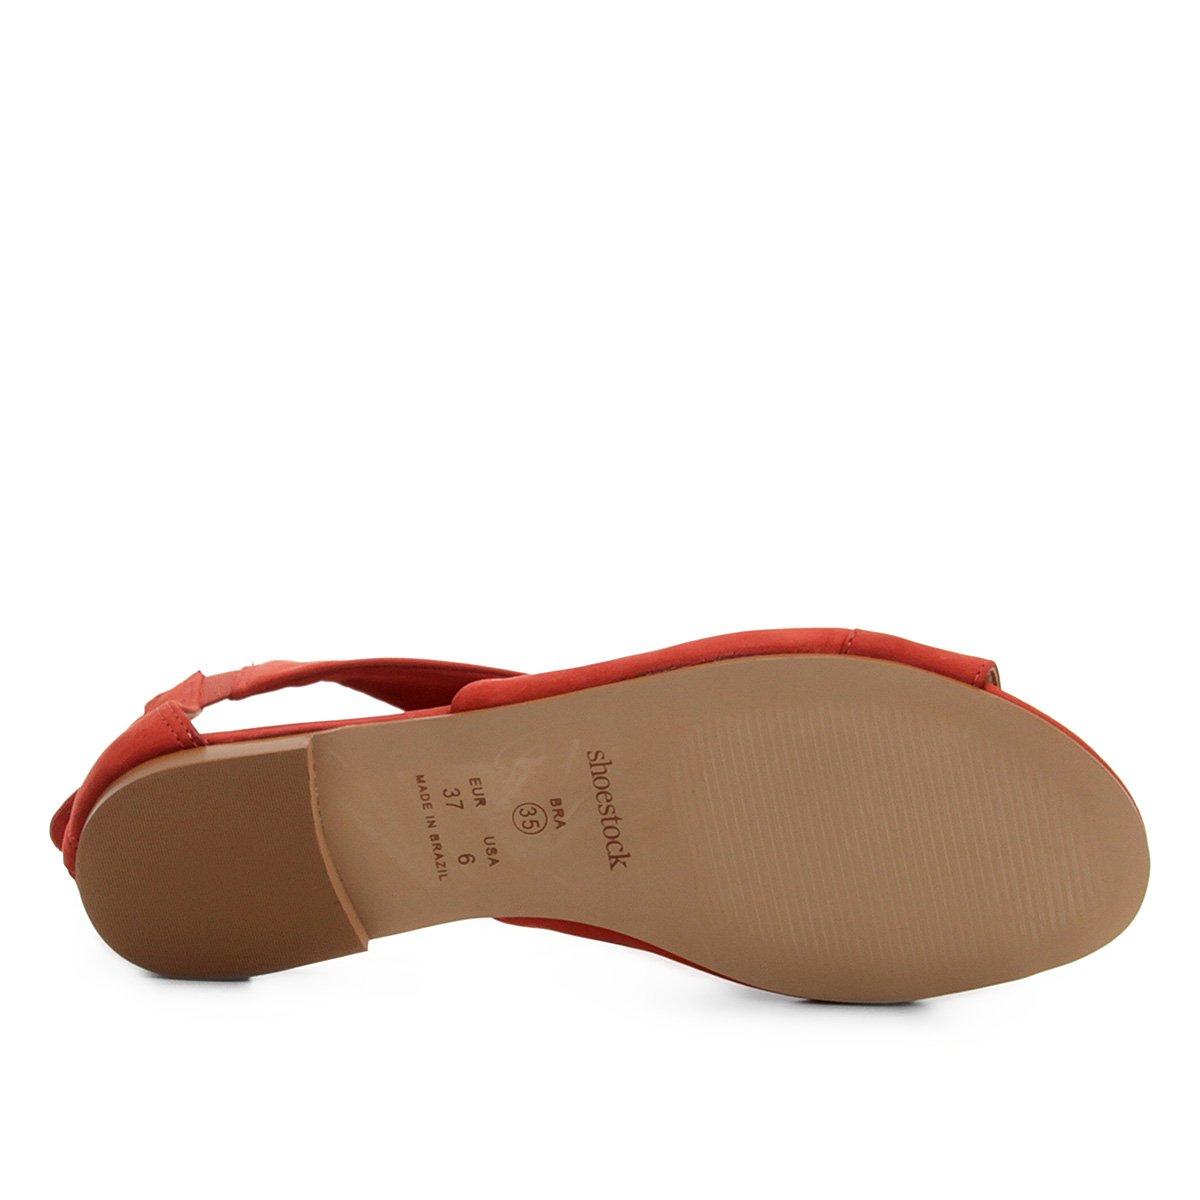 Couro Vermelho Couro Couro Shoestock Vermelho Rasteira Entrelace Entrelace Rasteira Shoestock Rasteira Shoestock AP4qw8xU8